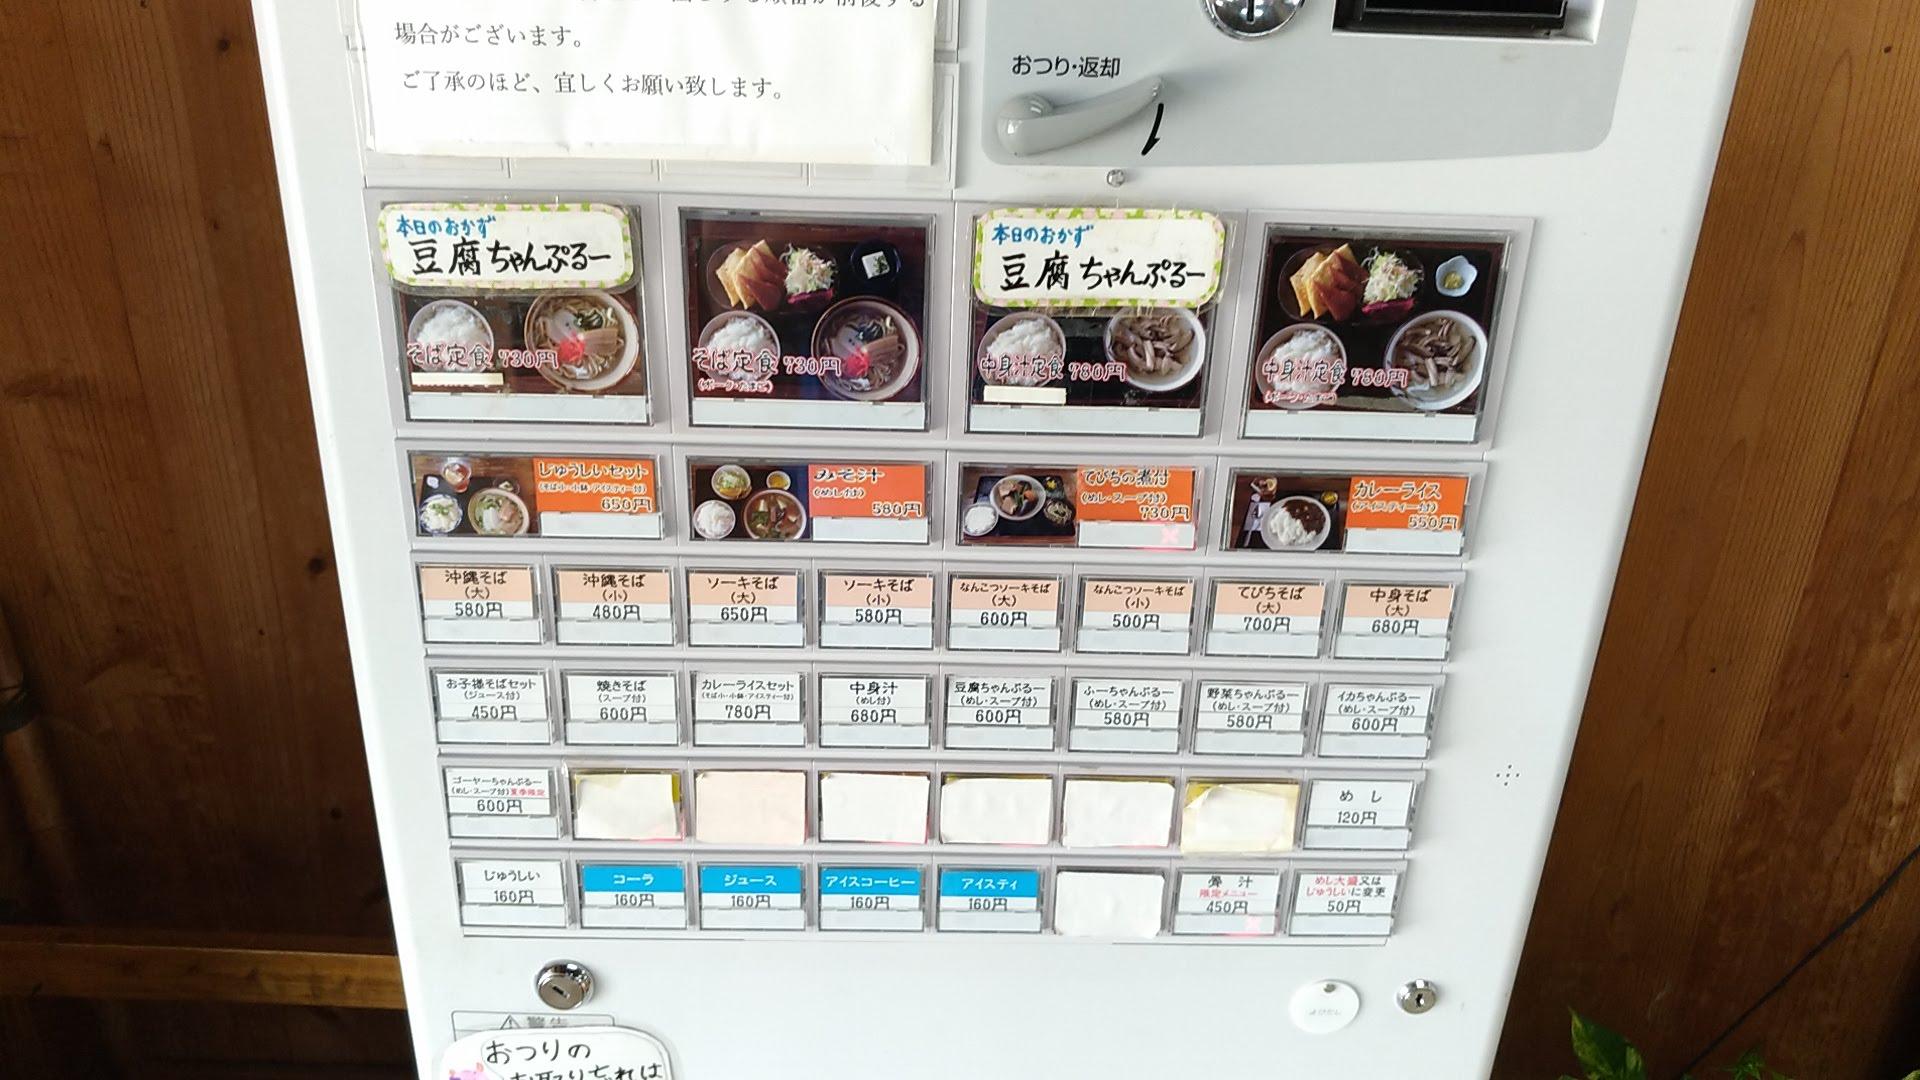 a ticket machine in Iibaruya